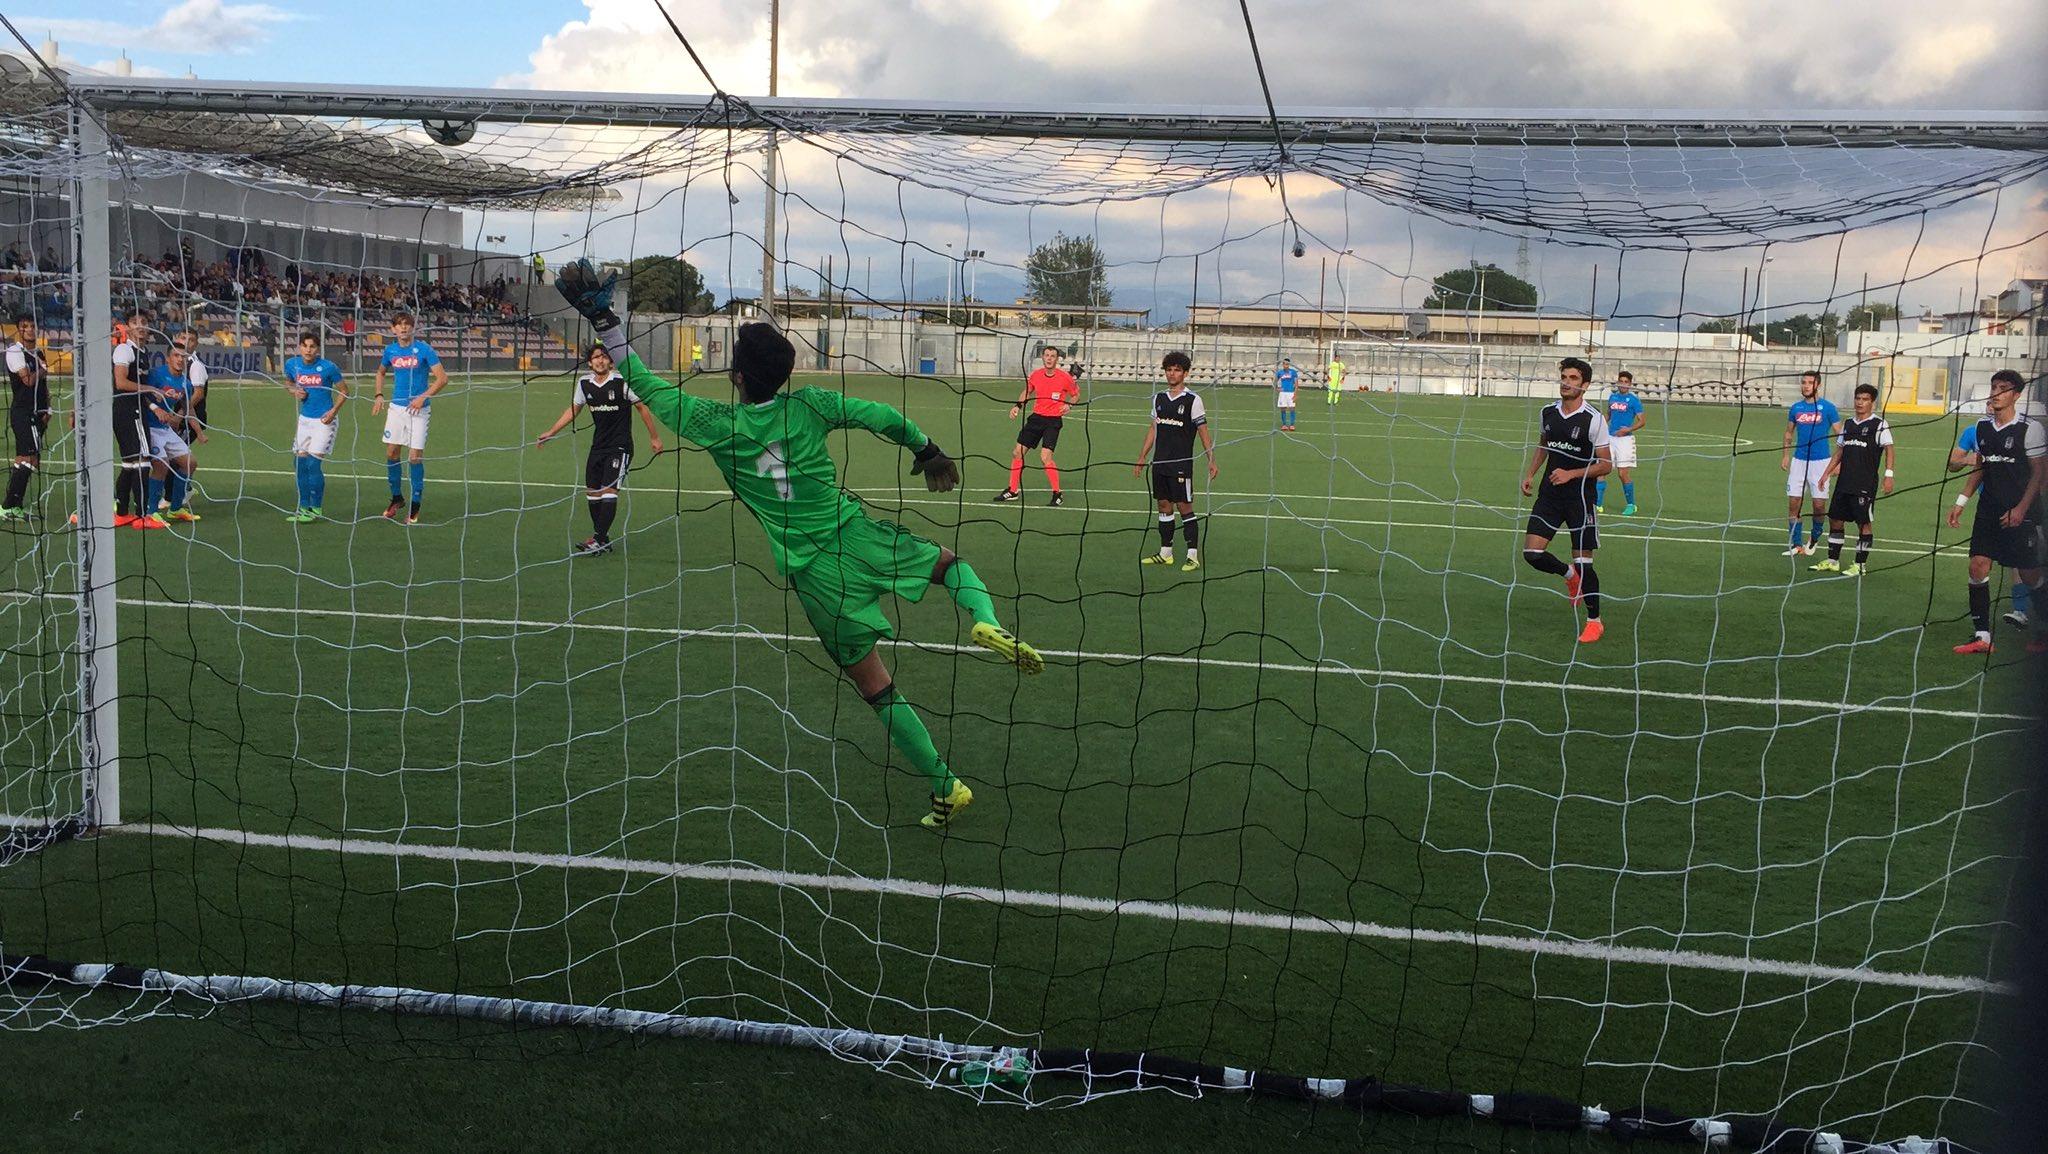 Youth League, Napoli-Besiktas 2-2: Russo e Liguori, gol da fermo per il primo punto